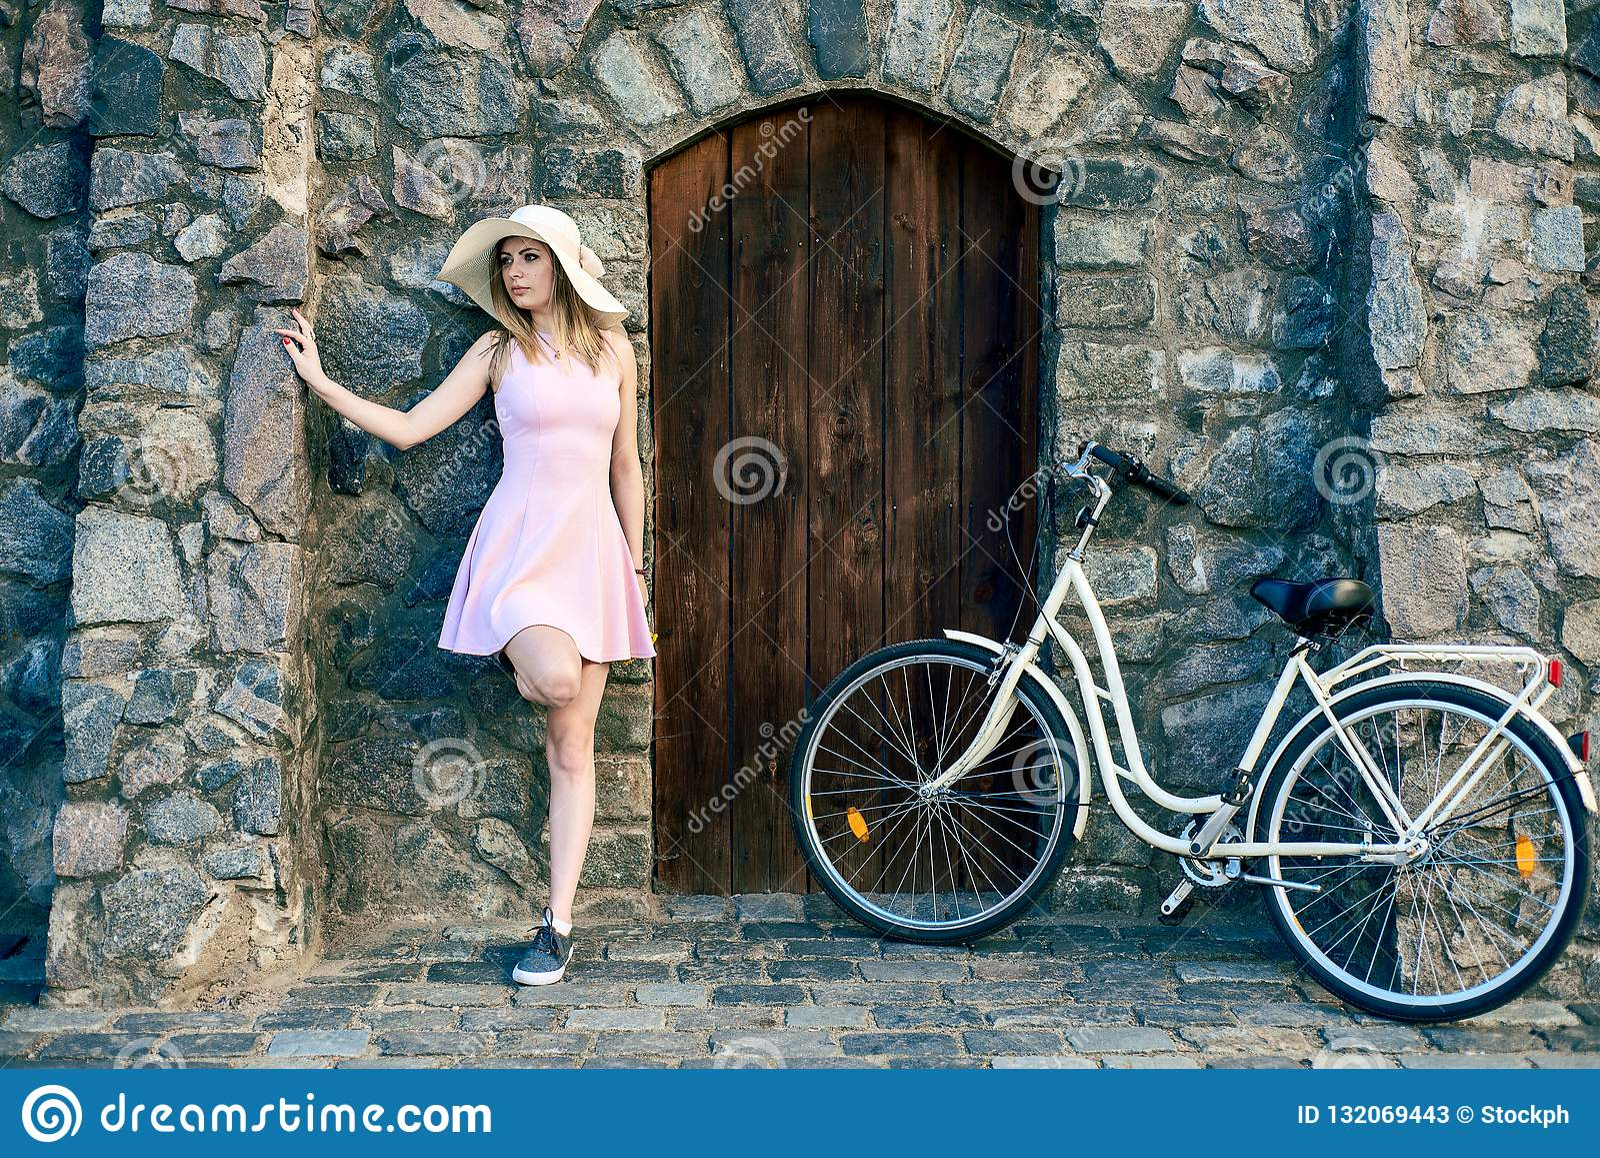 La muchacha en un vestido rosado y un sombrero de paja se está colocando al lado de una piedra texturizada, pared vieja con una p